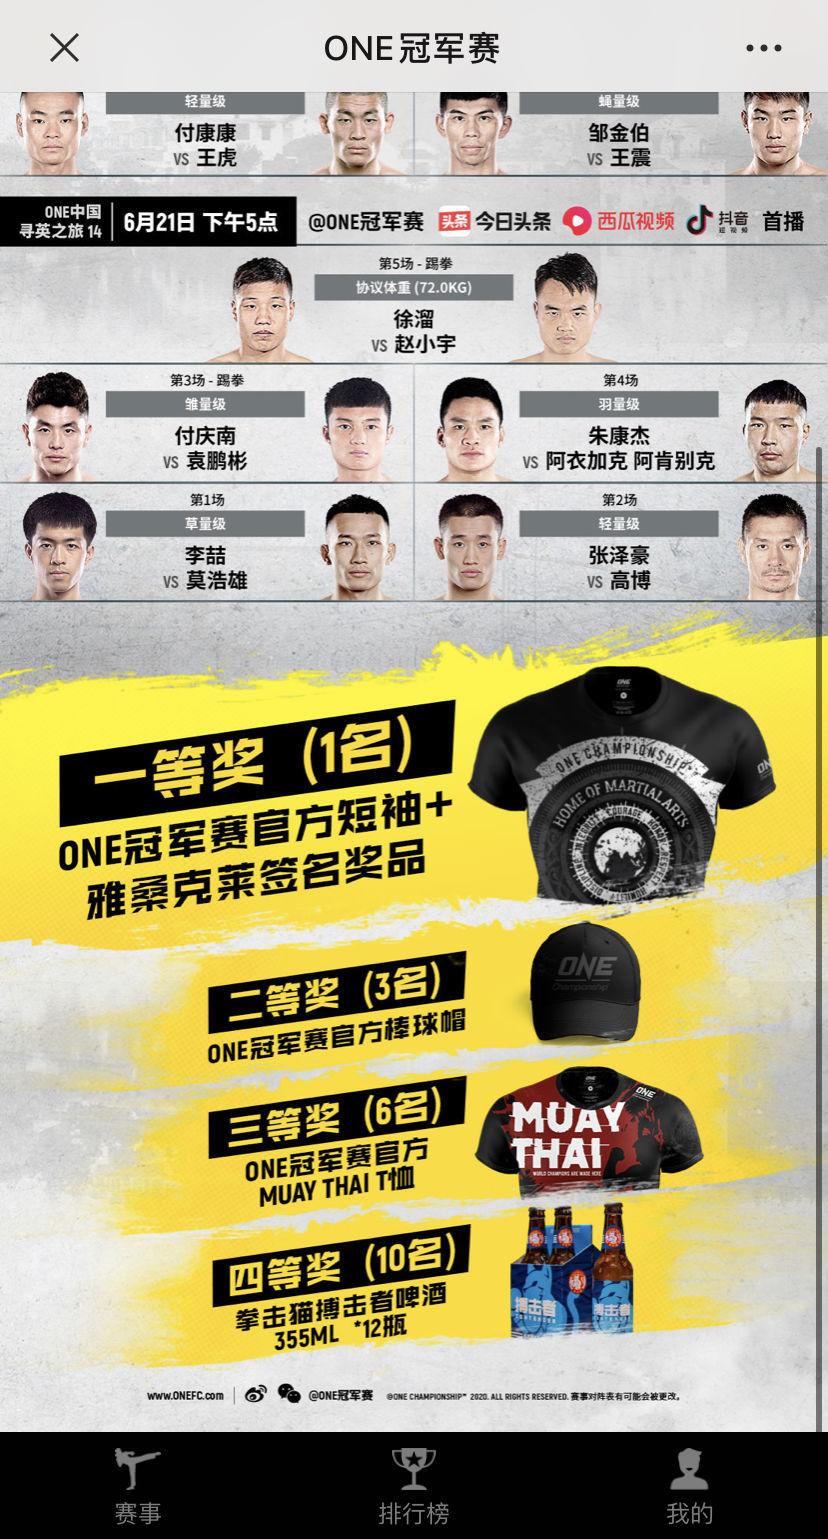 体育赛事竞猜H5开发供应商_Infocode上海蓝畅信息技术